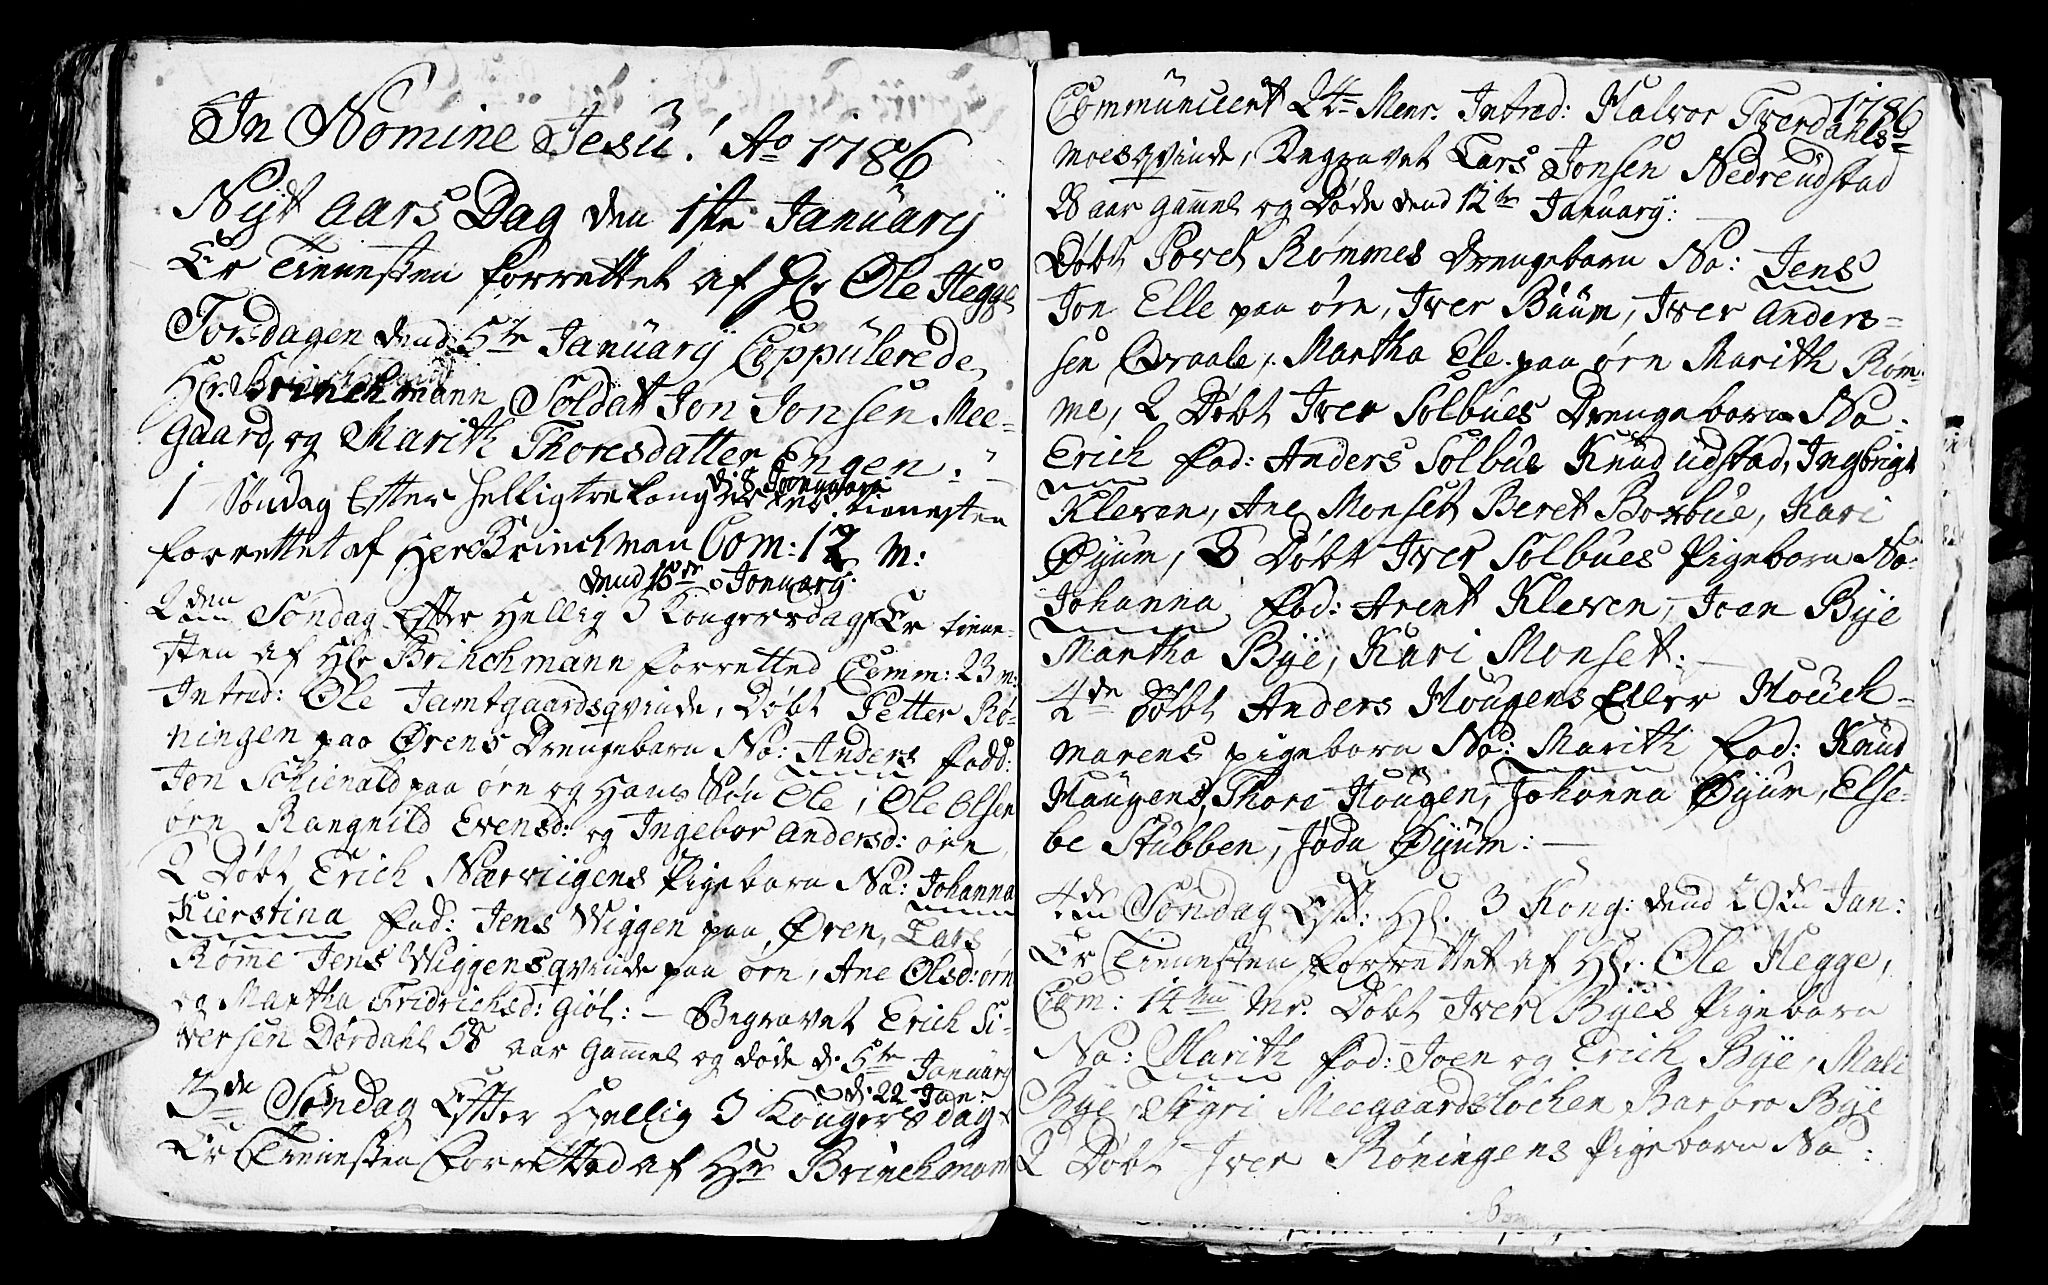 SAT, Ministerialprotokoller, klokkerbøker og fødselsregistre - Sør-Trøndelag, 668/L0814: Klokkerbok nr. 668C03, 1766-1789